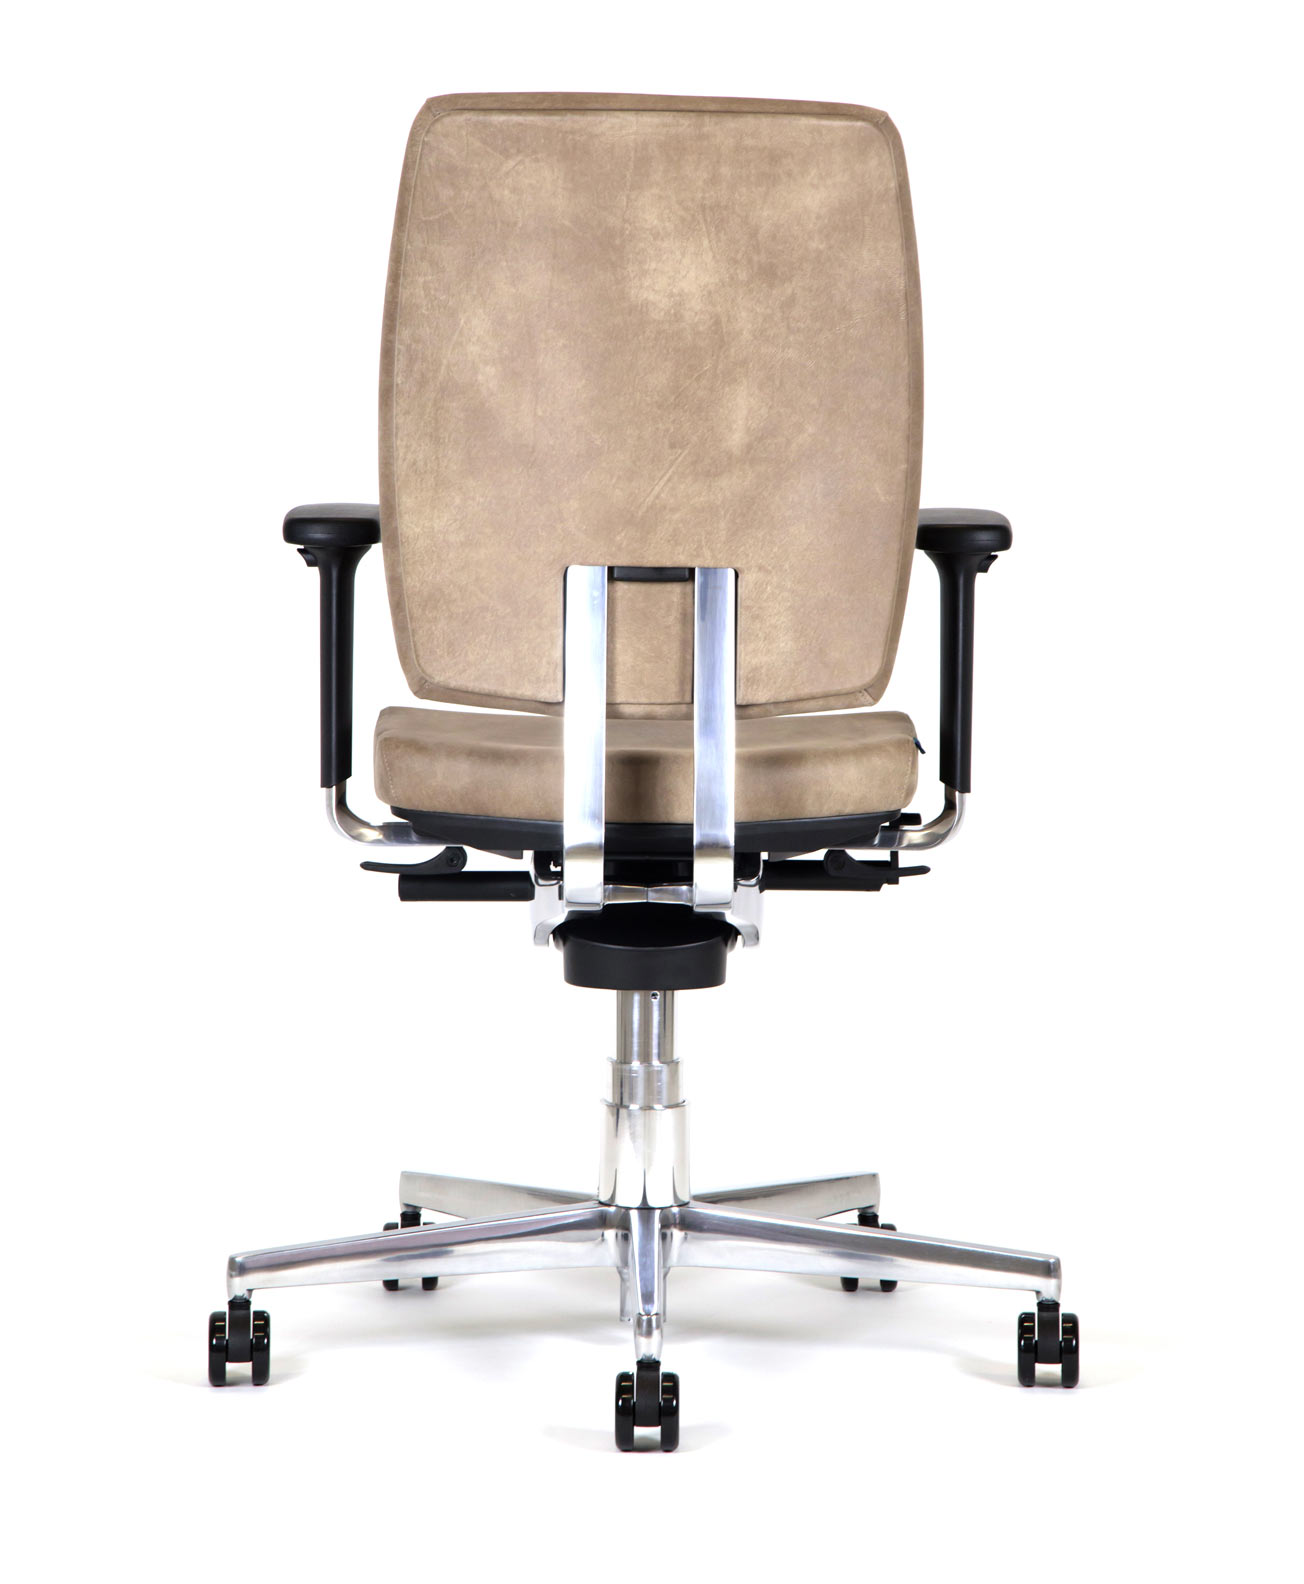 Bb219 sedia ufficio direzionale Kleos rivestita in pelle